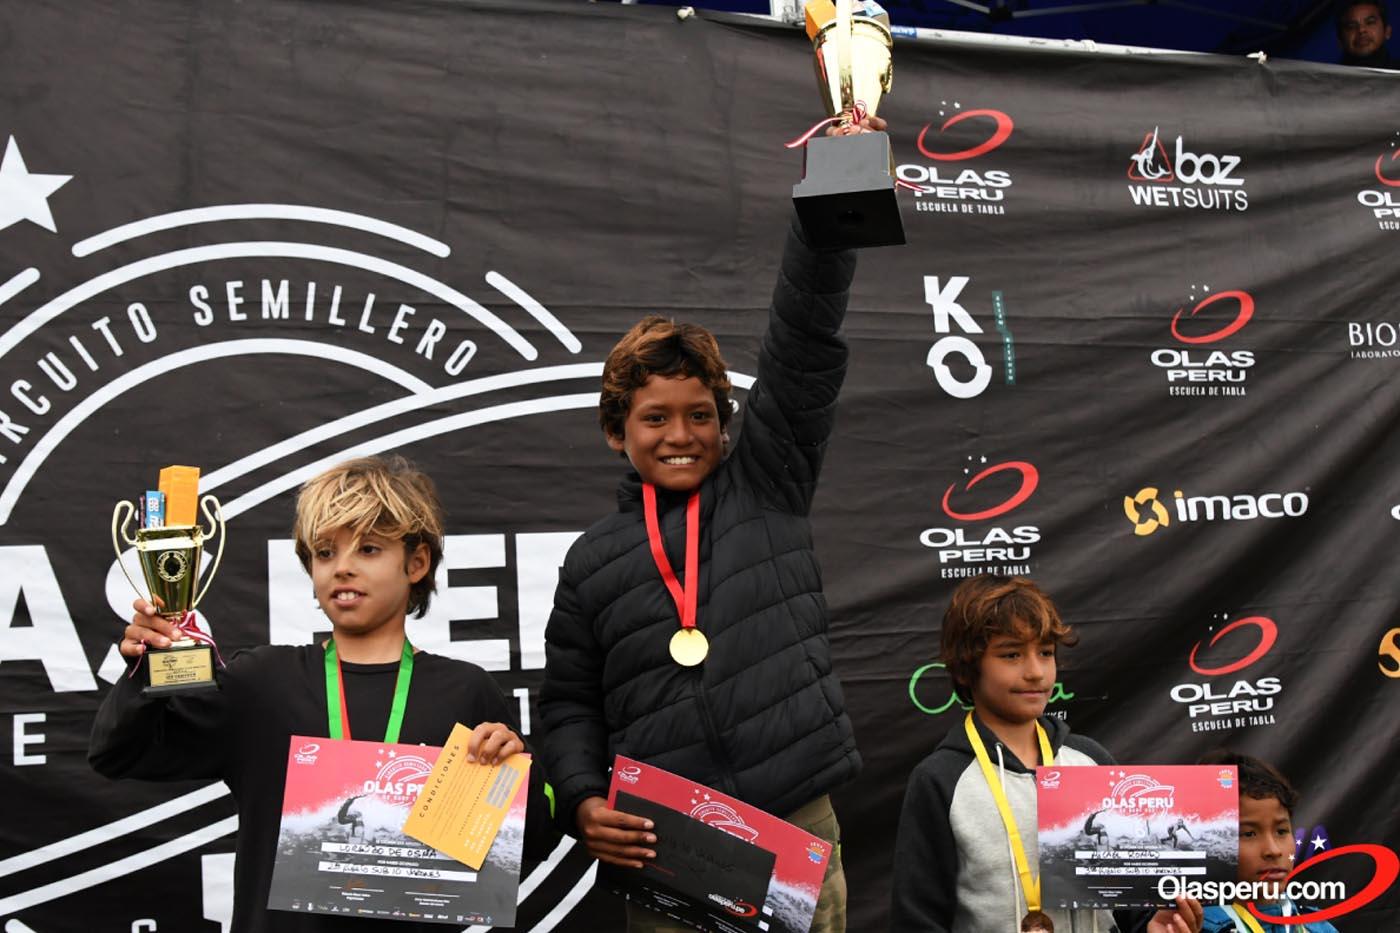 Punta Hermosa coronó a los campeones del Semillero Olas Perú 2021